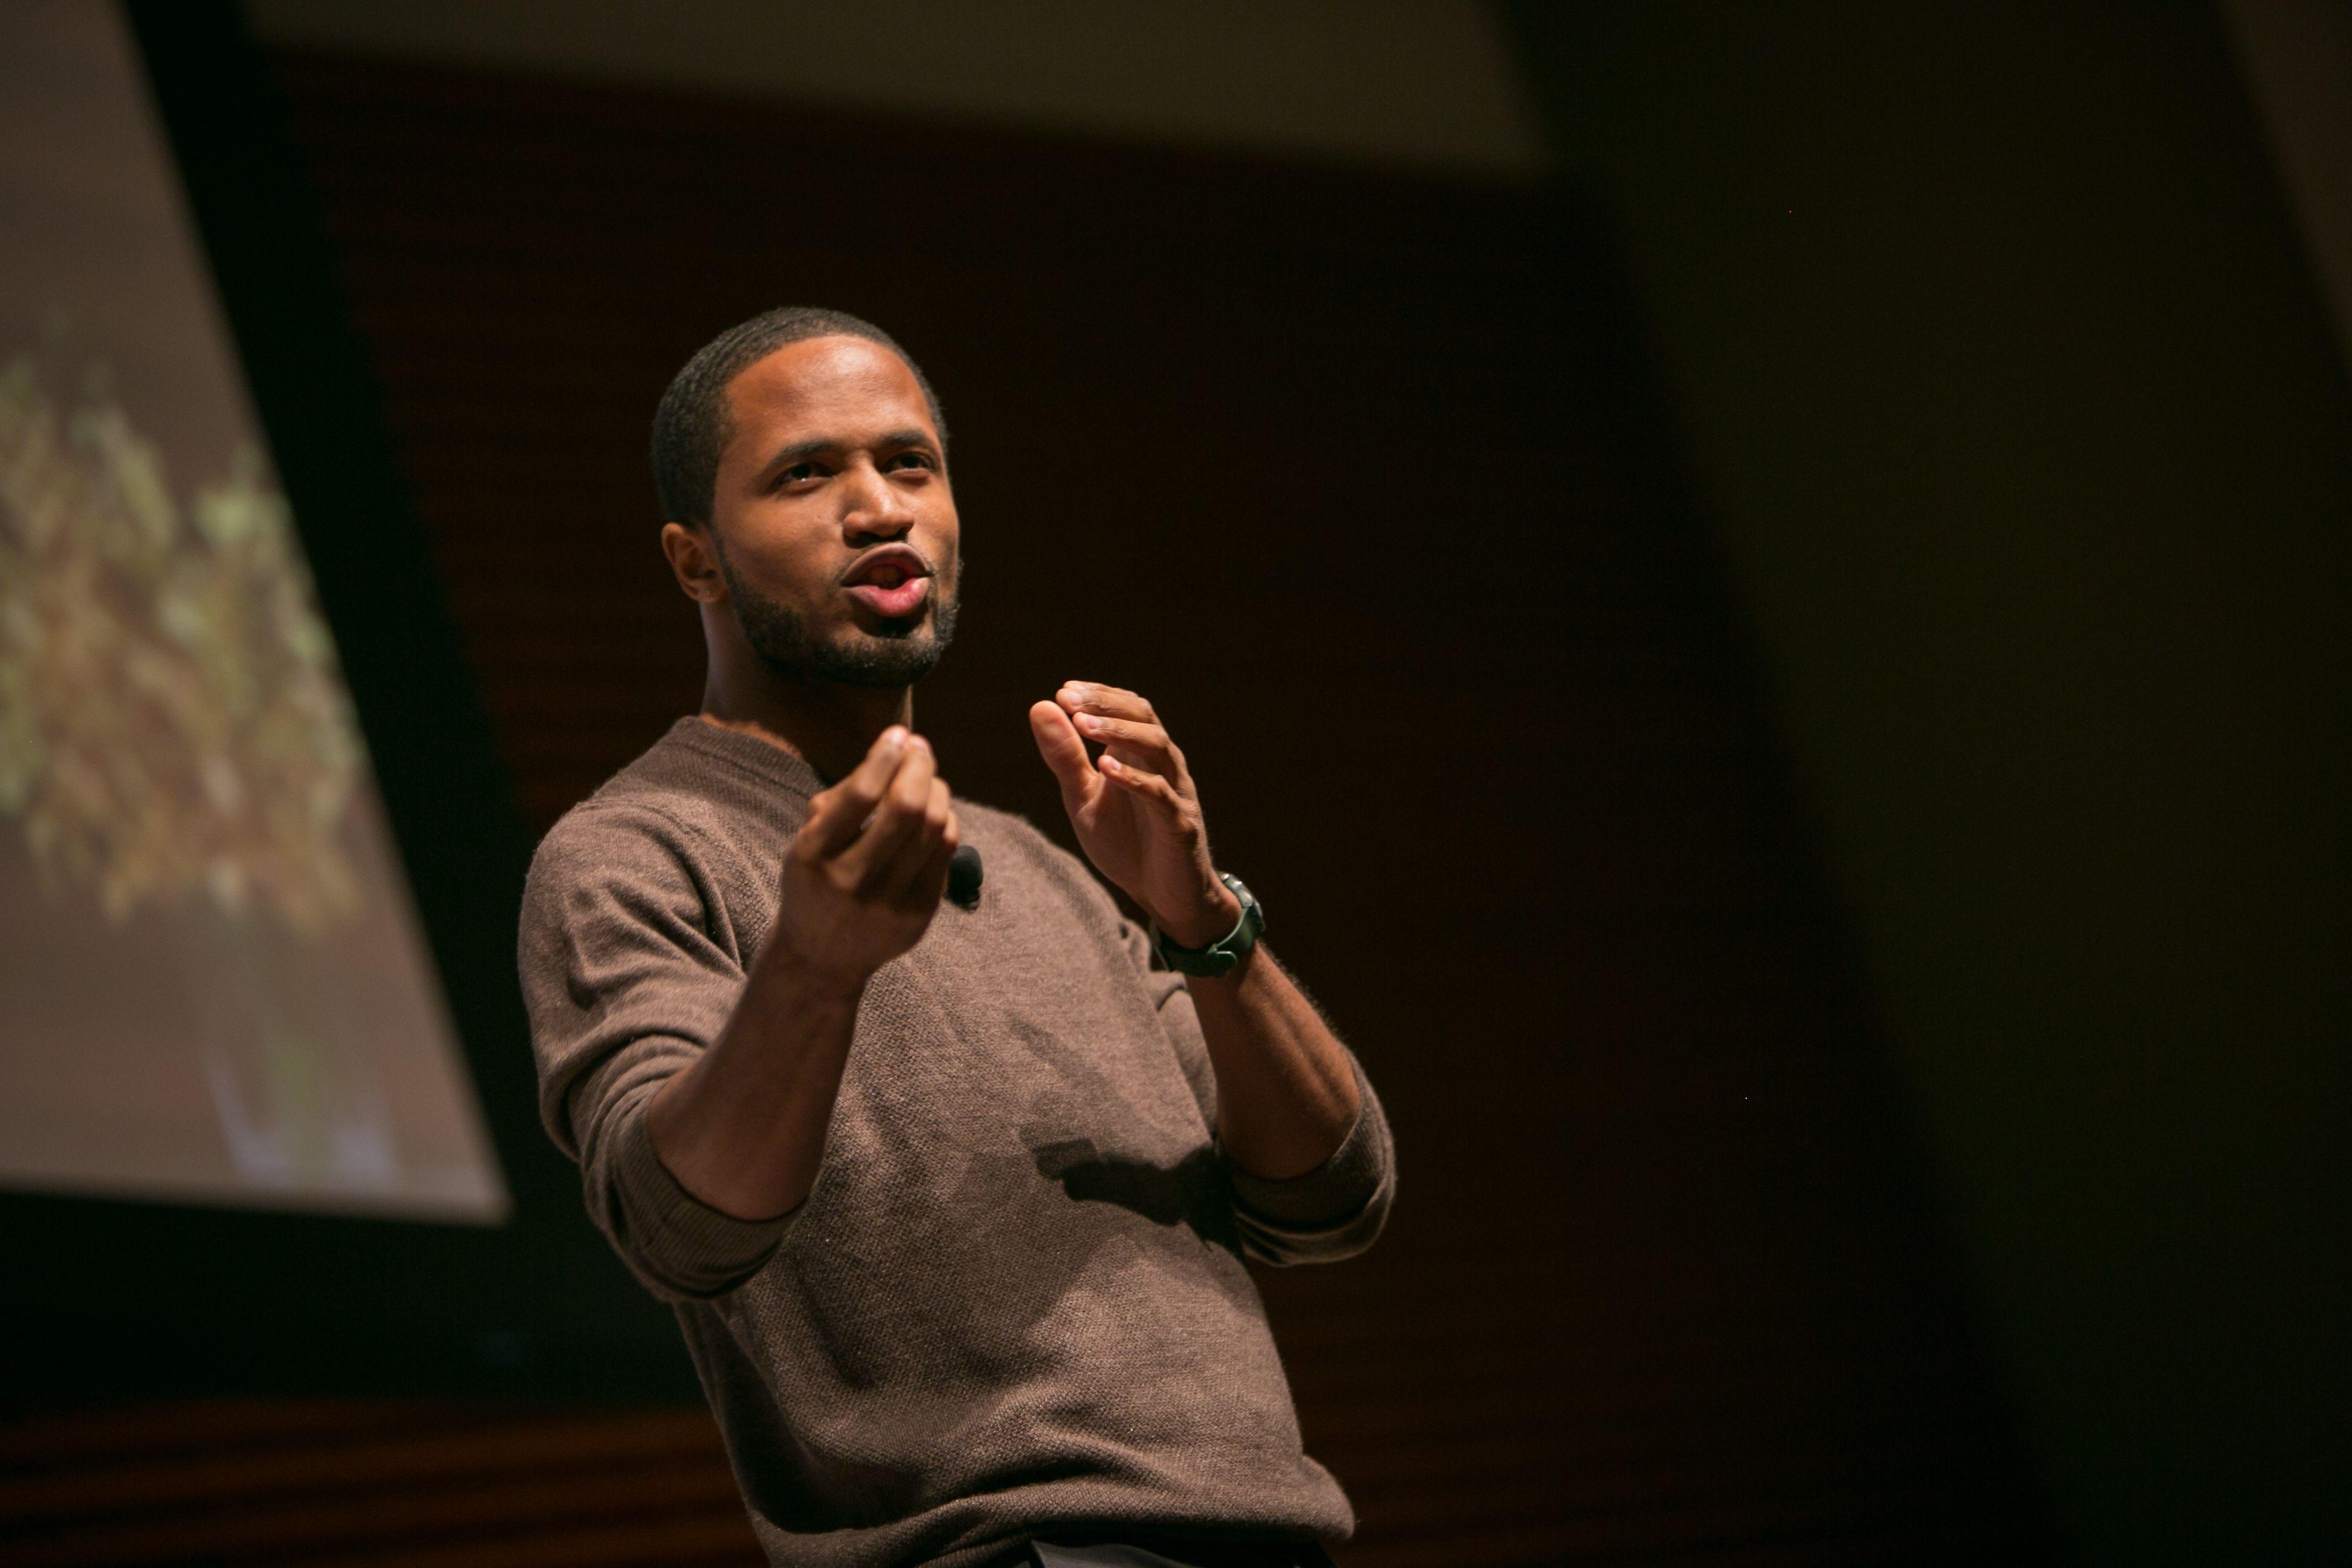 Poet Marshall Davis Jones on Unseen Connectivity #SIS13